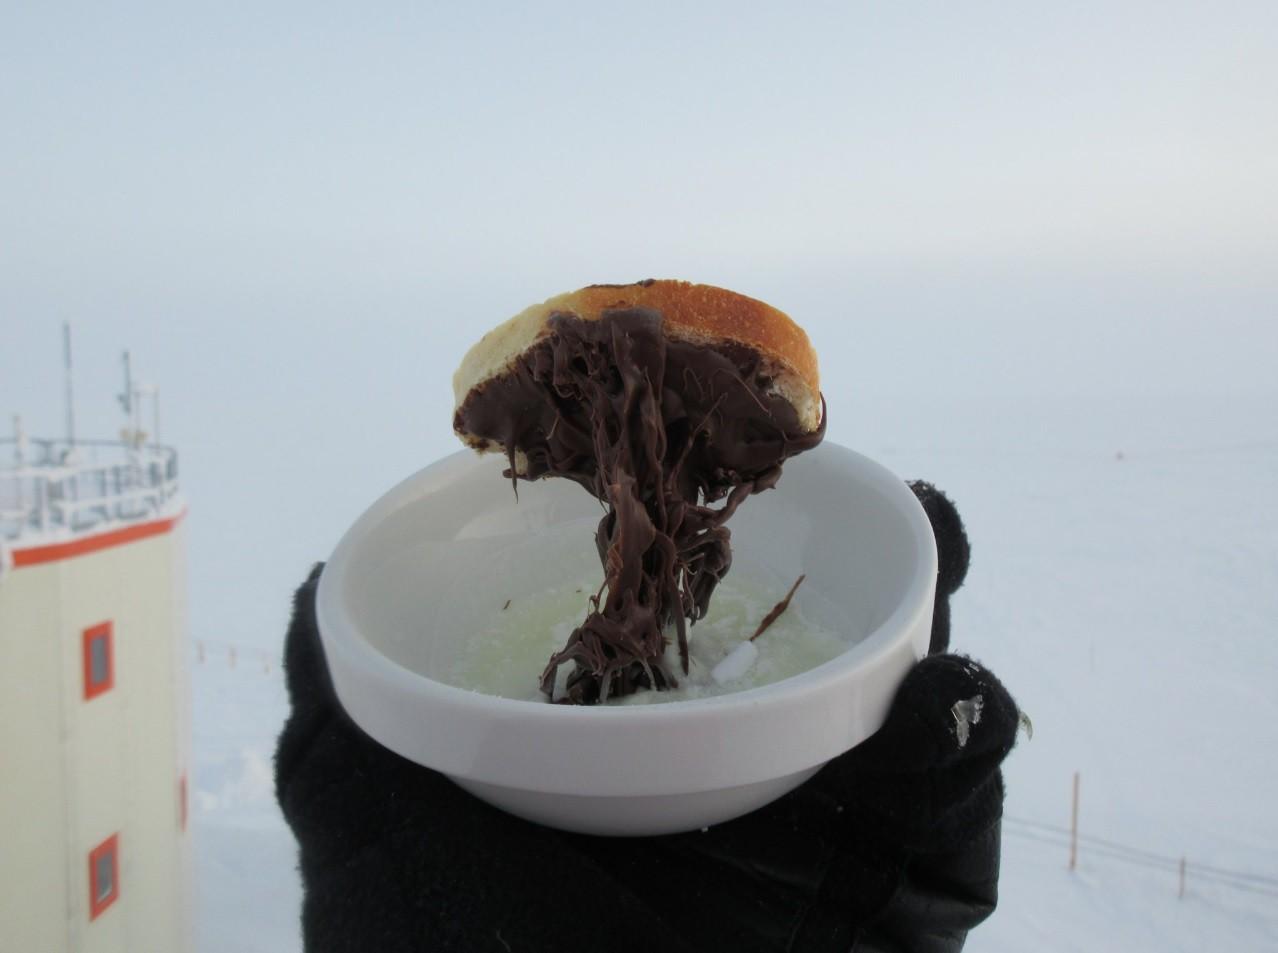 Điều gì sẽ xảy ra khi bạn nấu ăn ở Nam Cực với nhiệt độ ngoài trời là -70 độ C? 1